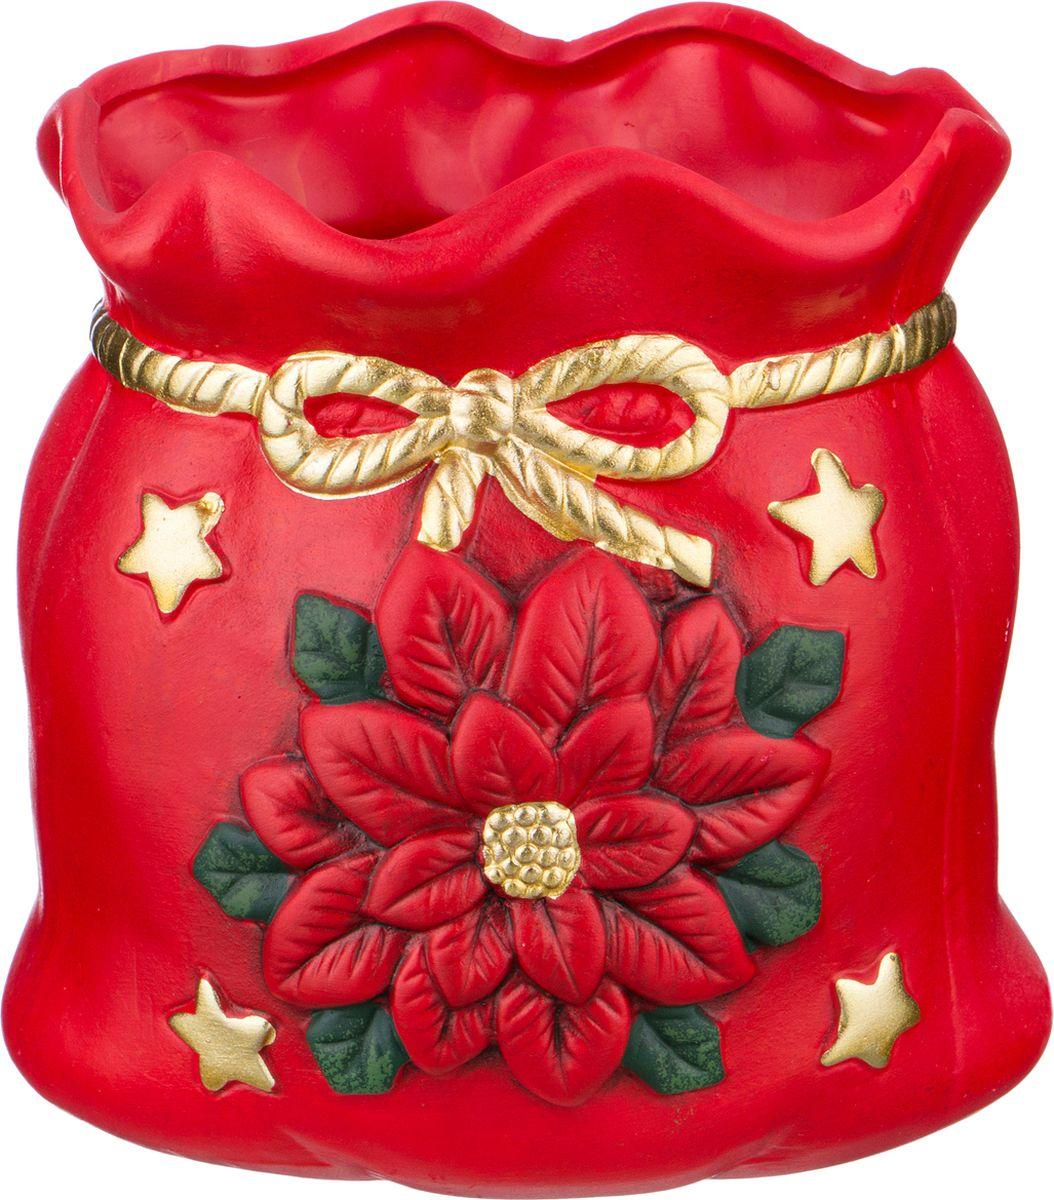 Ваза-кашпо Lefard, цвет: разноцветный, 12 х 9,5 х 12,5 см. HP145-Z-W36 ваза кашпо pavone сумочка высота 16 см